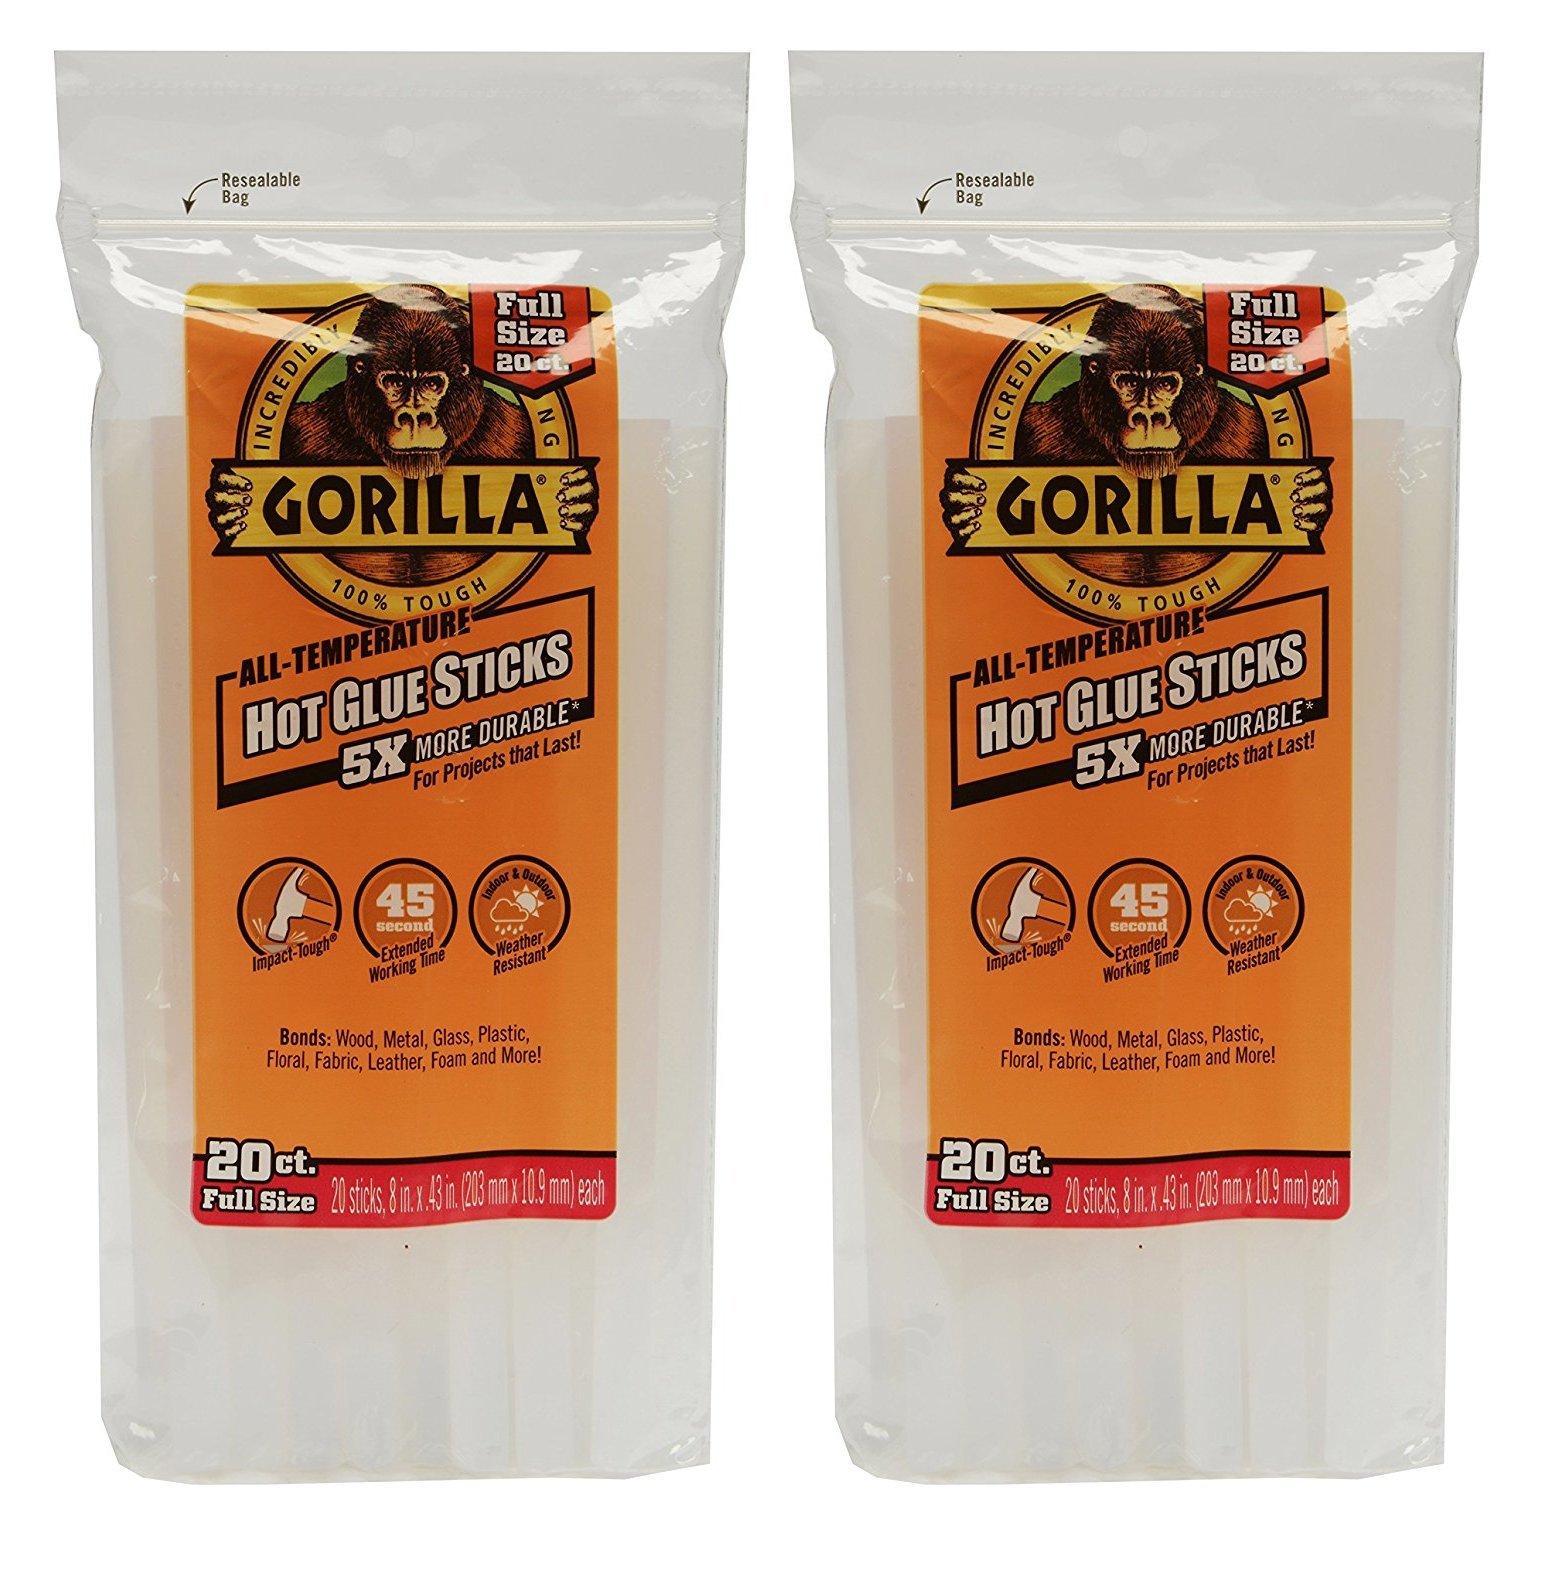 Gorilla 3032016 Hot Glue Sticks 8'' Full Size (20 Count) 2 Pack, Clear